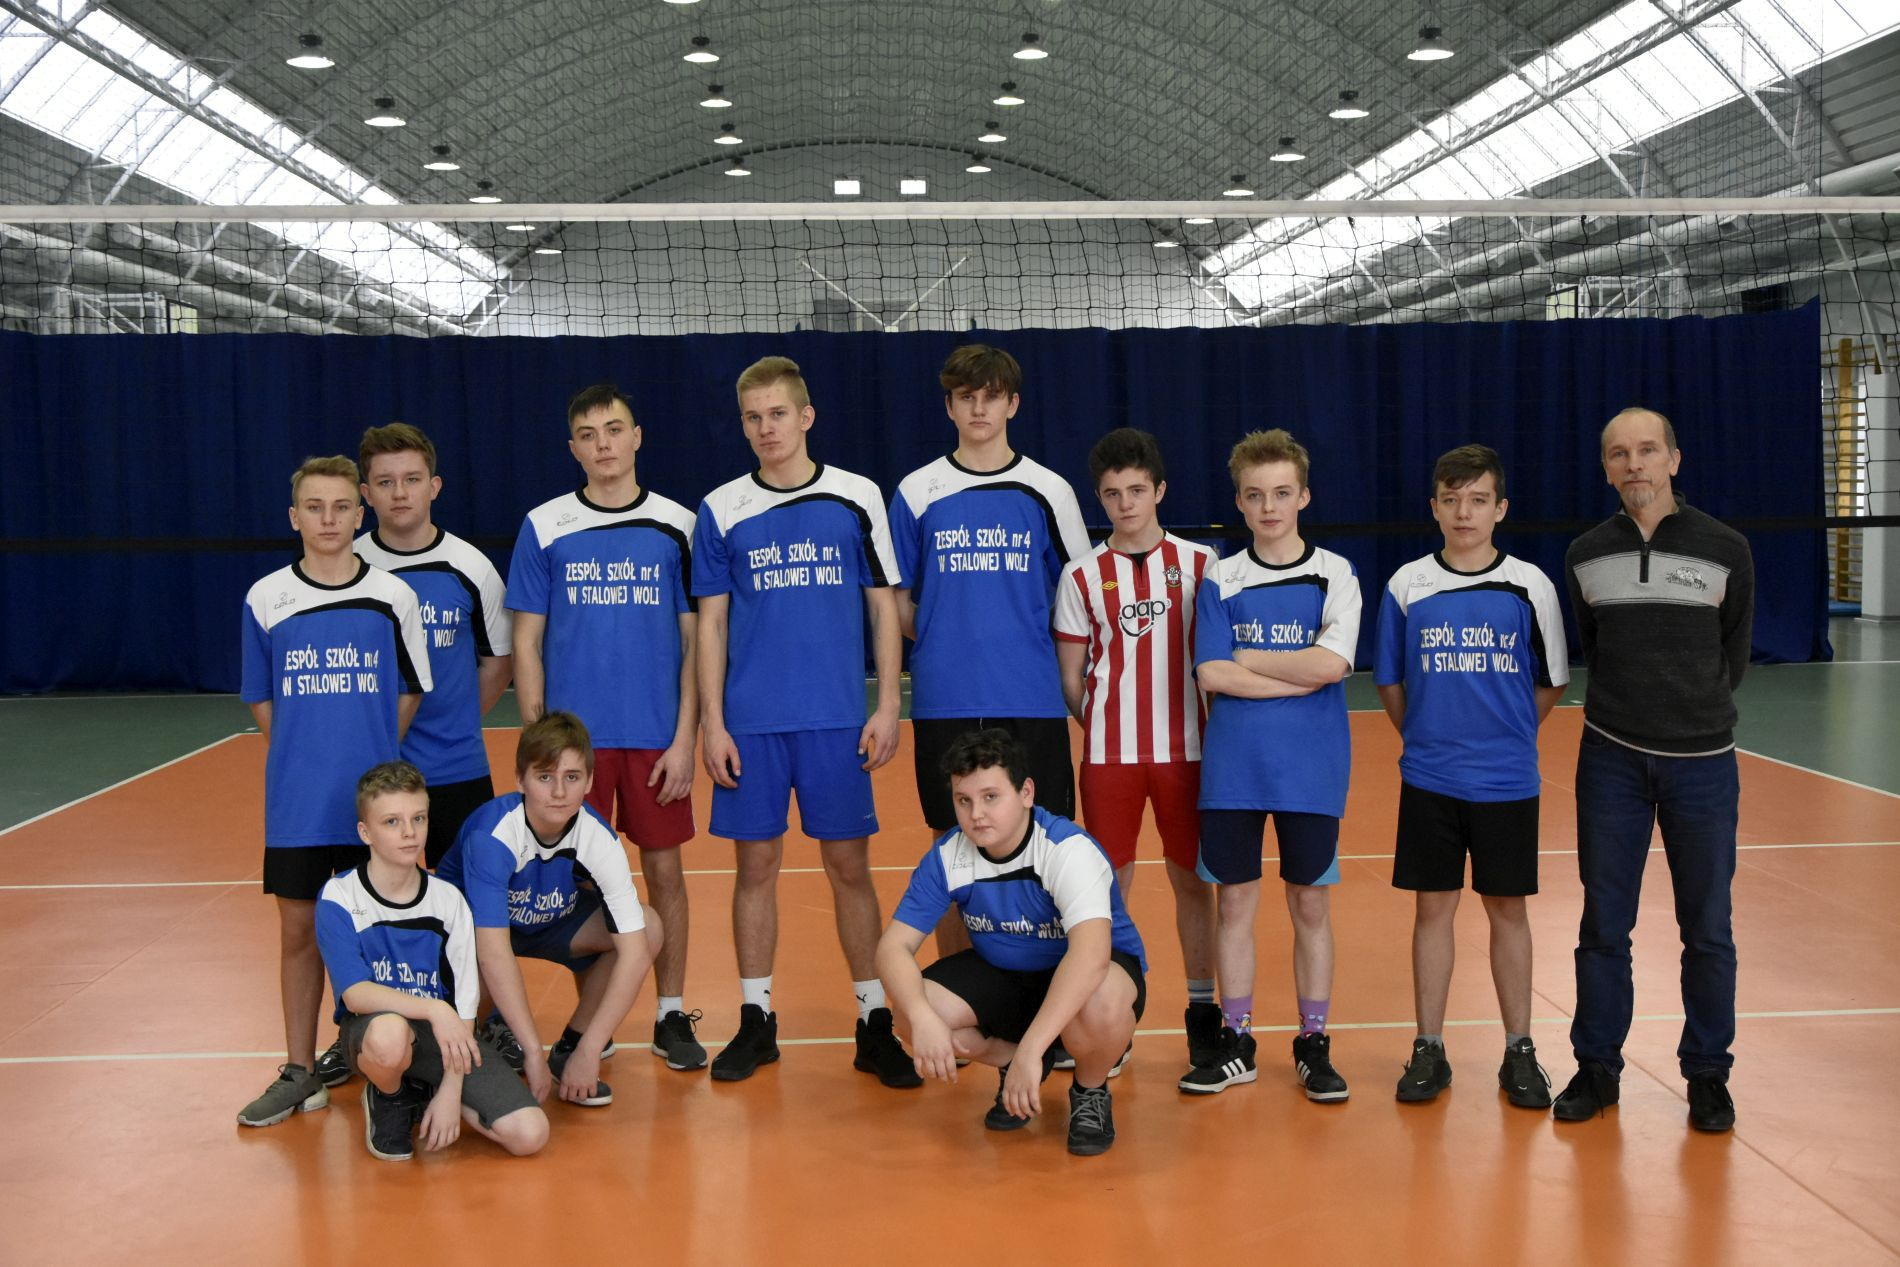 PSP nr 9 najlepsza wśród chłopców w Miejskich Igrzyskach Młodzieży Szkolnej w Siatkówce Chłopców